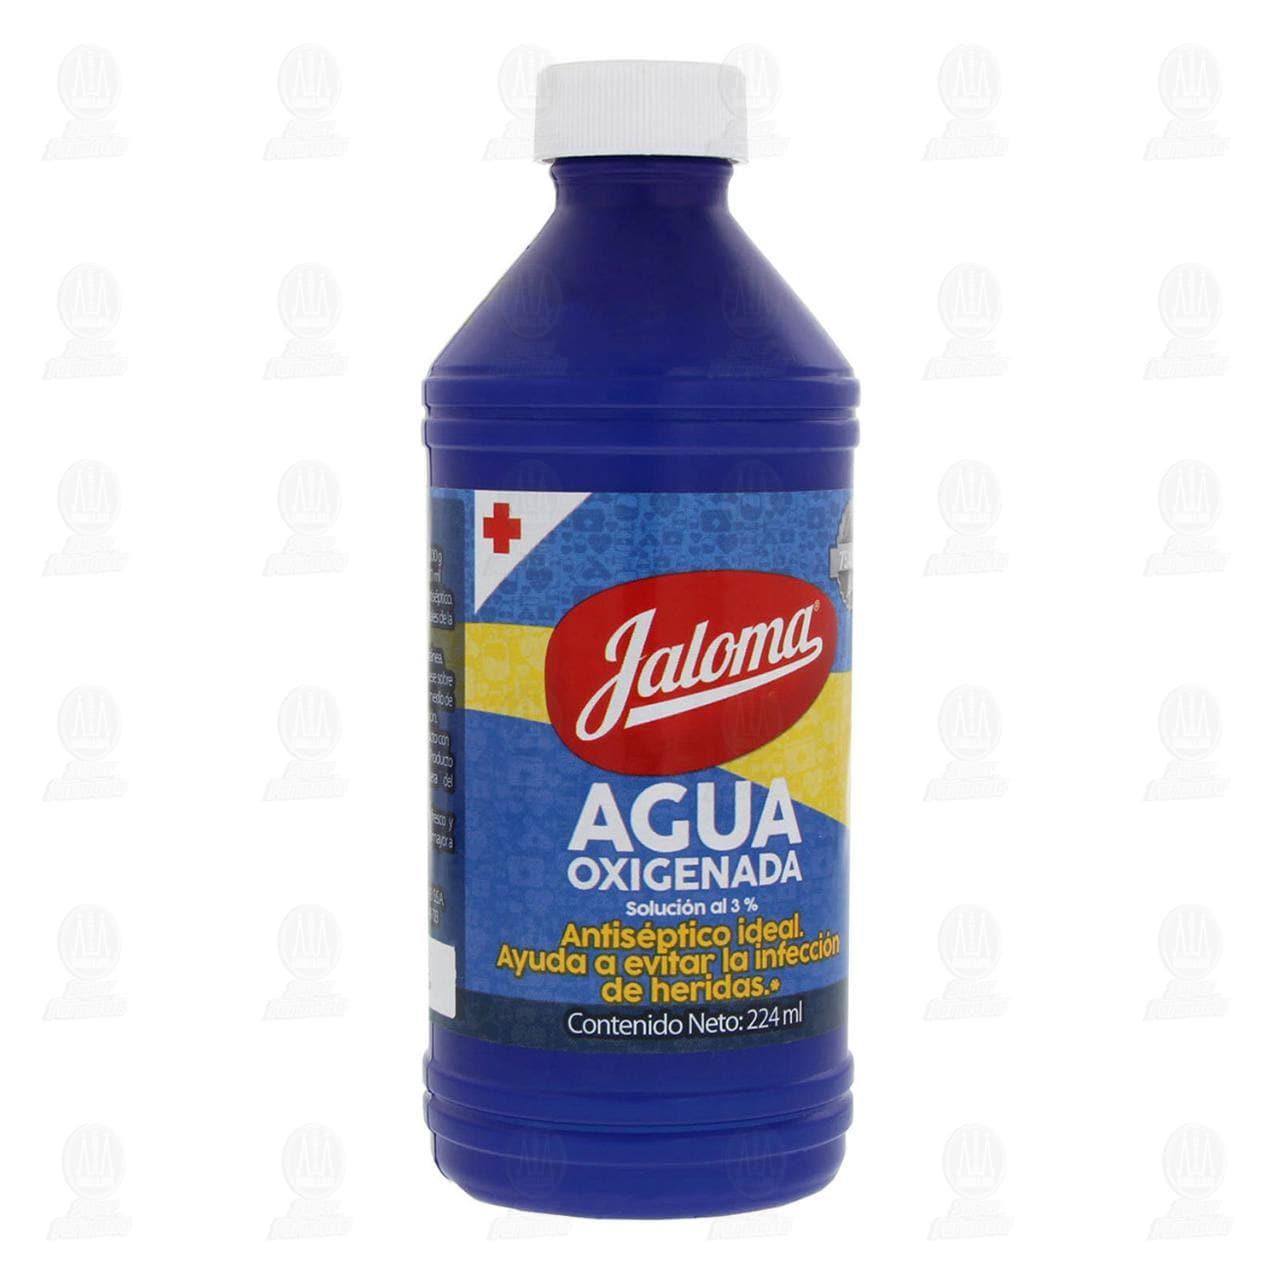 Comprar Agua Oxigenada Jaloma 224ml en Farmacias Guadalajara